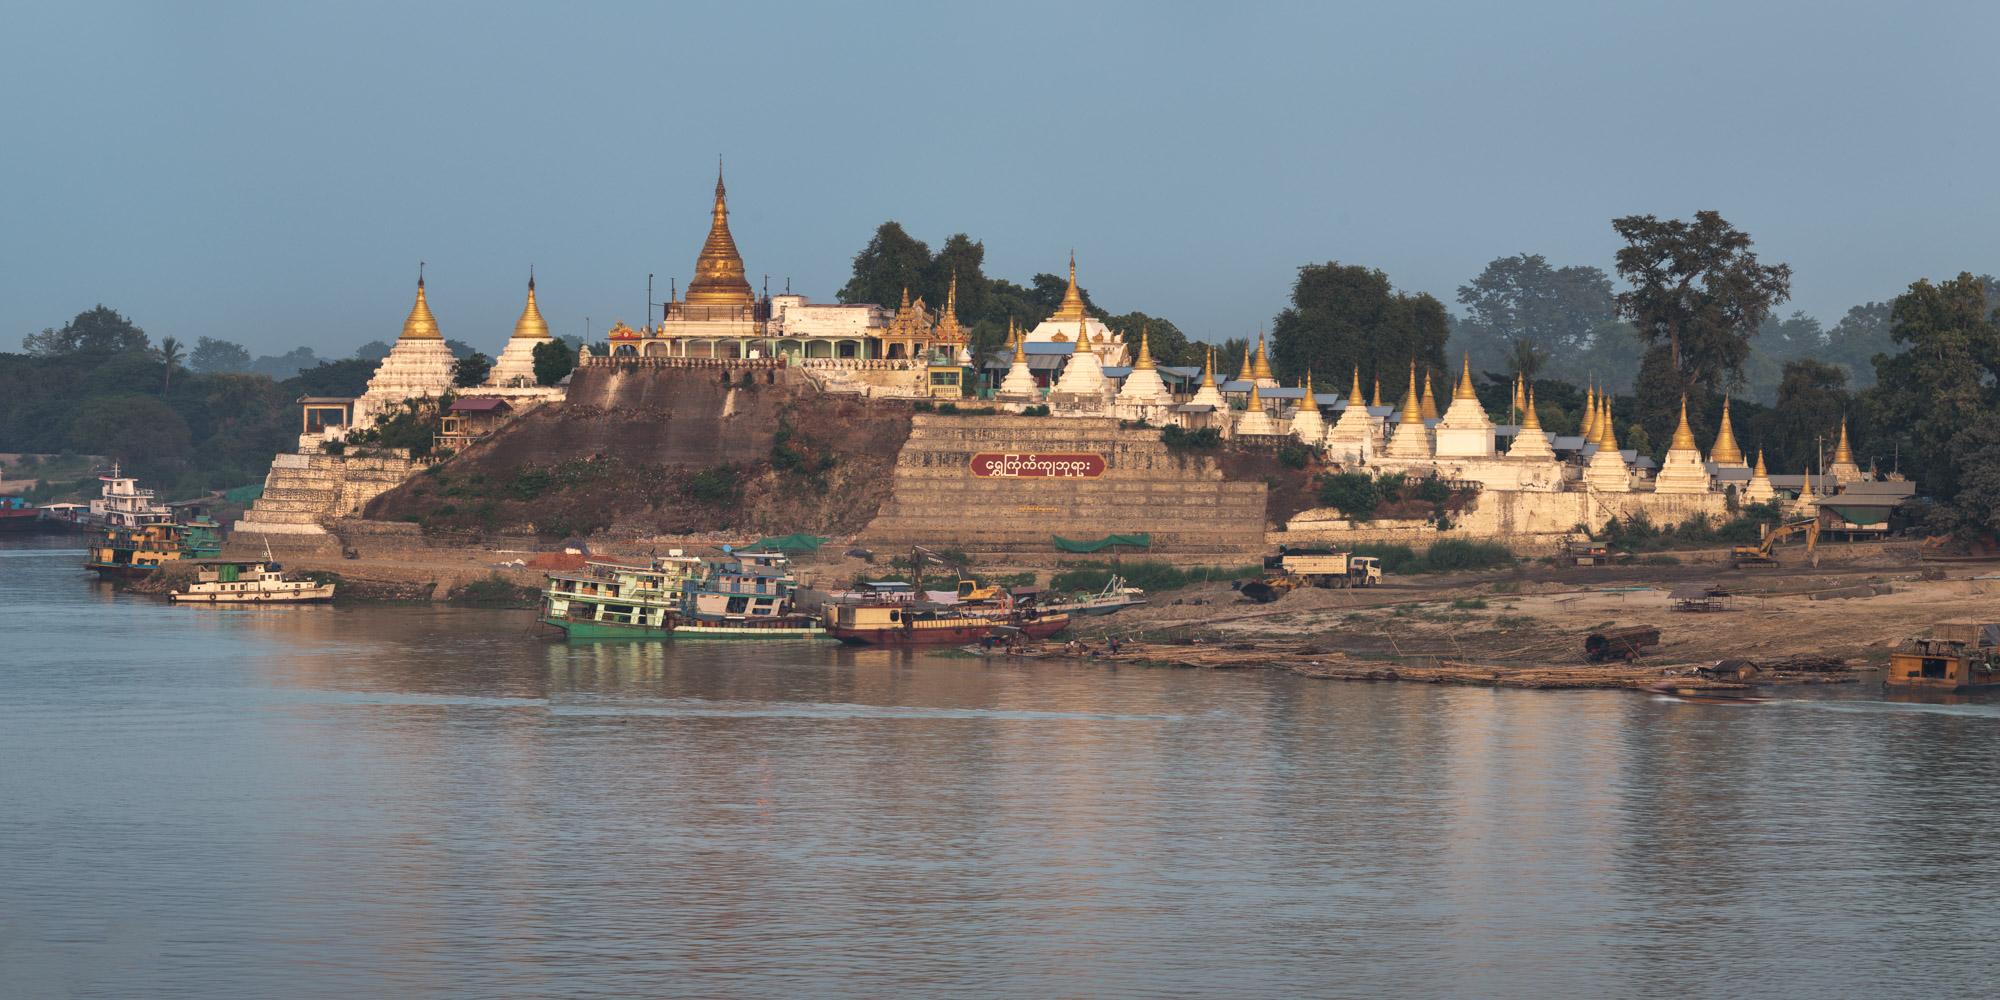 Shwe Kyat Kya Pagoda and Irrawaddy River, Sagaing Hill, Myanmar